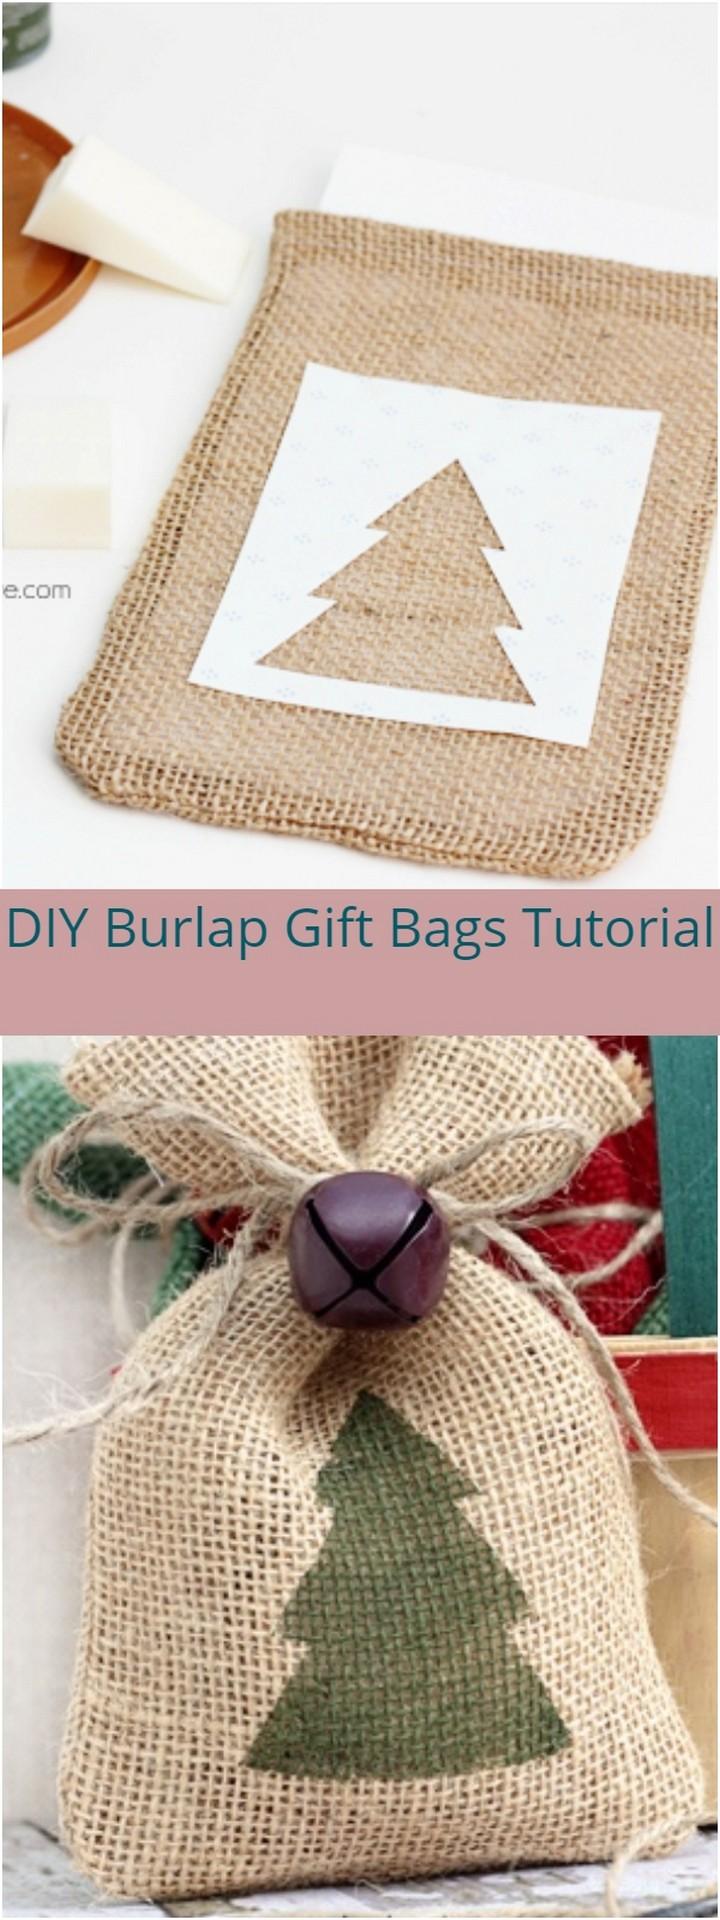 DIY Burlap Gift Bags Tutorial